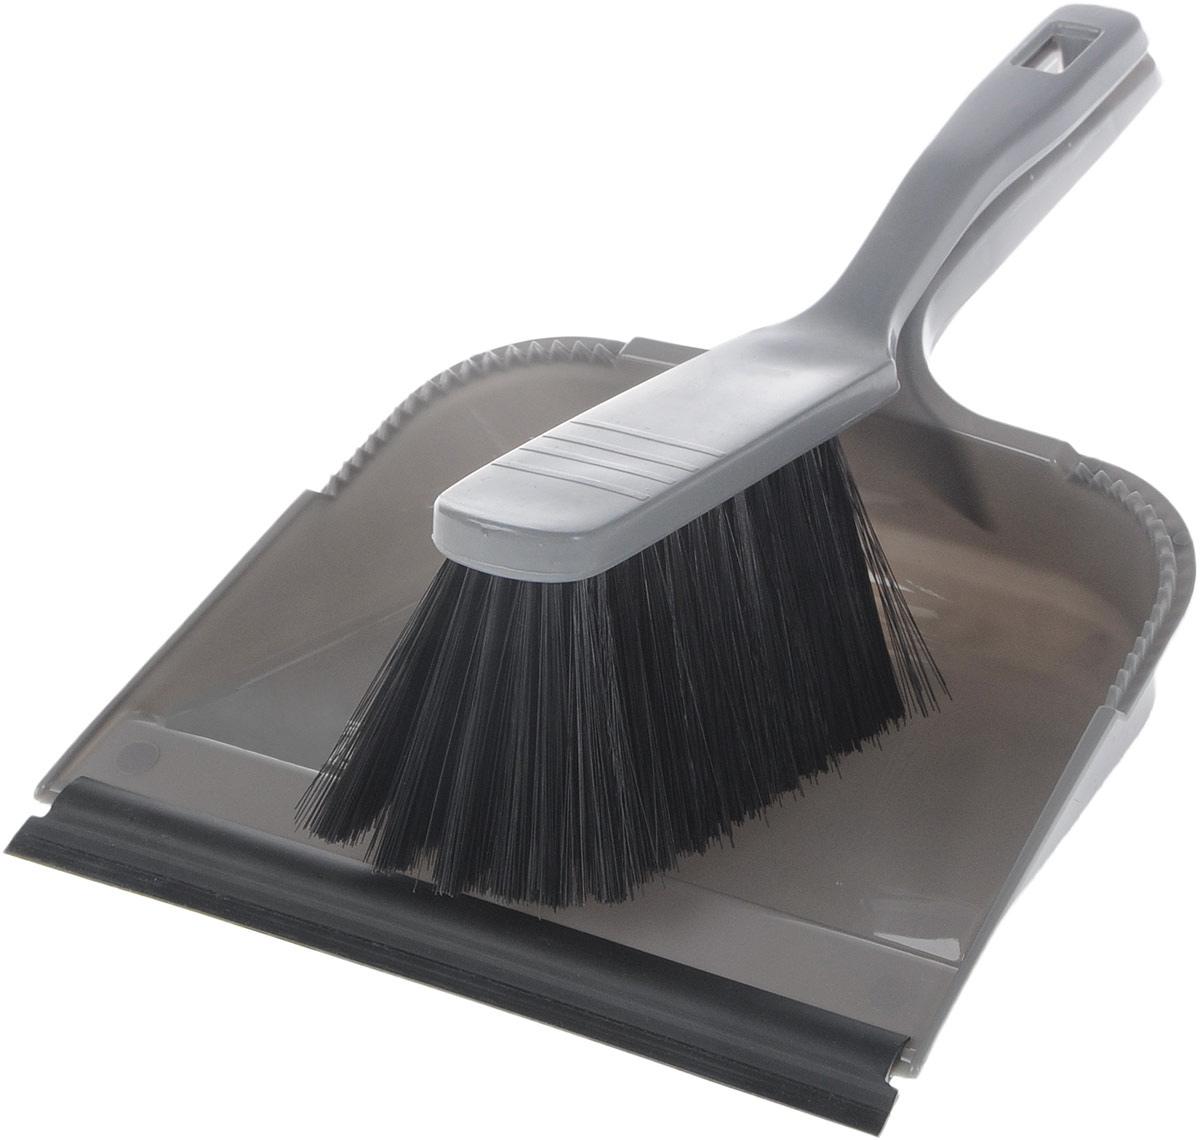 Набор для уборки Svip София, с кромкой, цвет: серый, 2 предметаSV3028СБНабор для уборки Svip София состоит из щетки-сметки и совка, выполненных из полипропилена. Он станет незаменимым помощником в деле удаления пыли и мусора с различных поверхностей. Ворс щетки достаточно длинный, что позволяет собирать даже крупный мусор. Края совка оснащены зубчиками для чистки щетки после ее использования. Совок имеет резиновую кромку, благодаря которой удобнее собирать мусор. Ручка совка позволяет прикреплять его к рукоятке щетки. На рукояти изделий имеется специальное отверстие для подвешивания. Длина щетки-сметки: 28 см. Длина ворса: 6,5 см. Размер рабочей поверхности совка: 21,5 см х 19,5 см.Размер совка (с учетом ручки): 33,2 см х 21,5 см х 6 см.